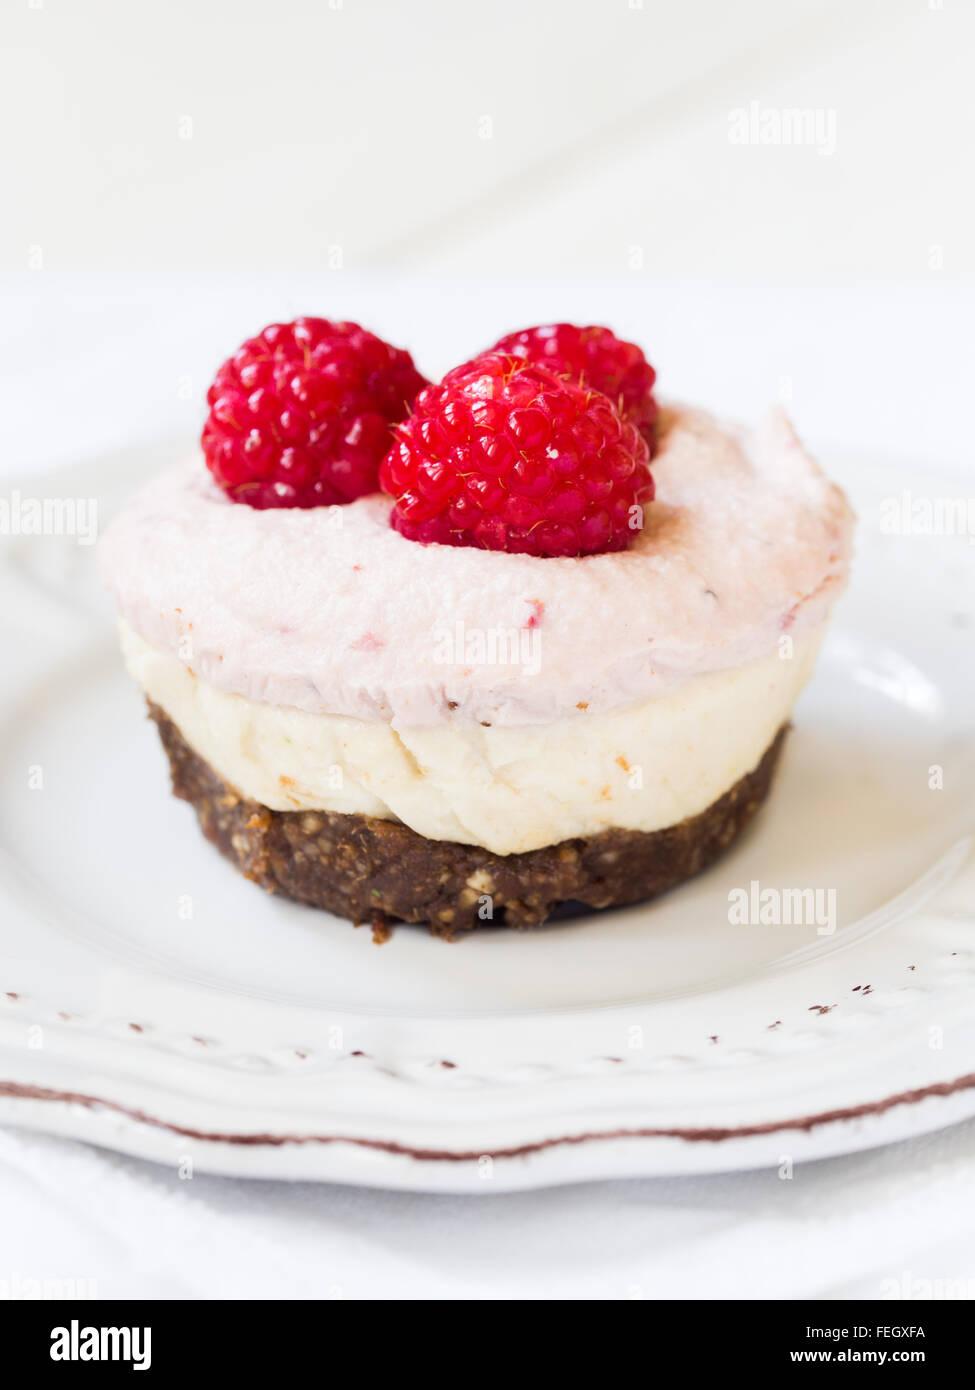 Vegan mini tre colori 'cheesecake' fatto di noci di acagiù, crema di noce di cocco e le date, servito Immagini Stock